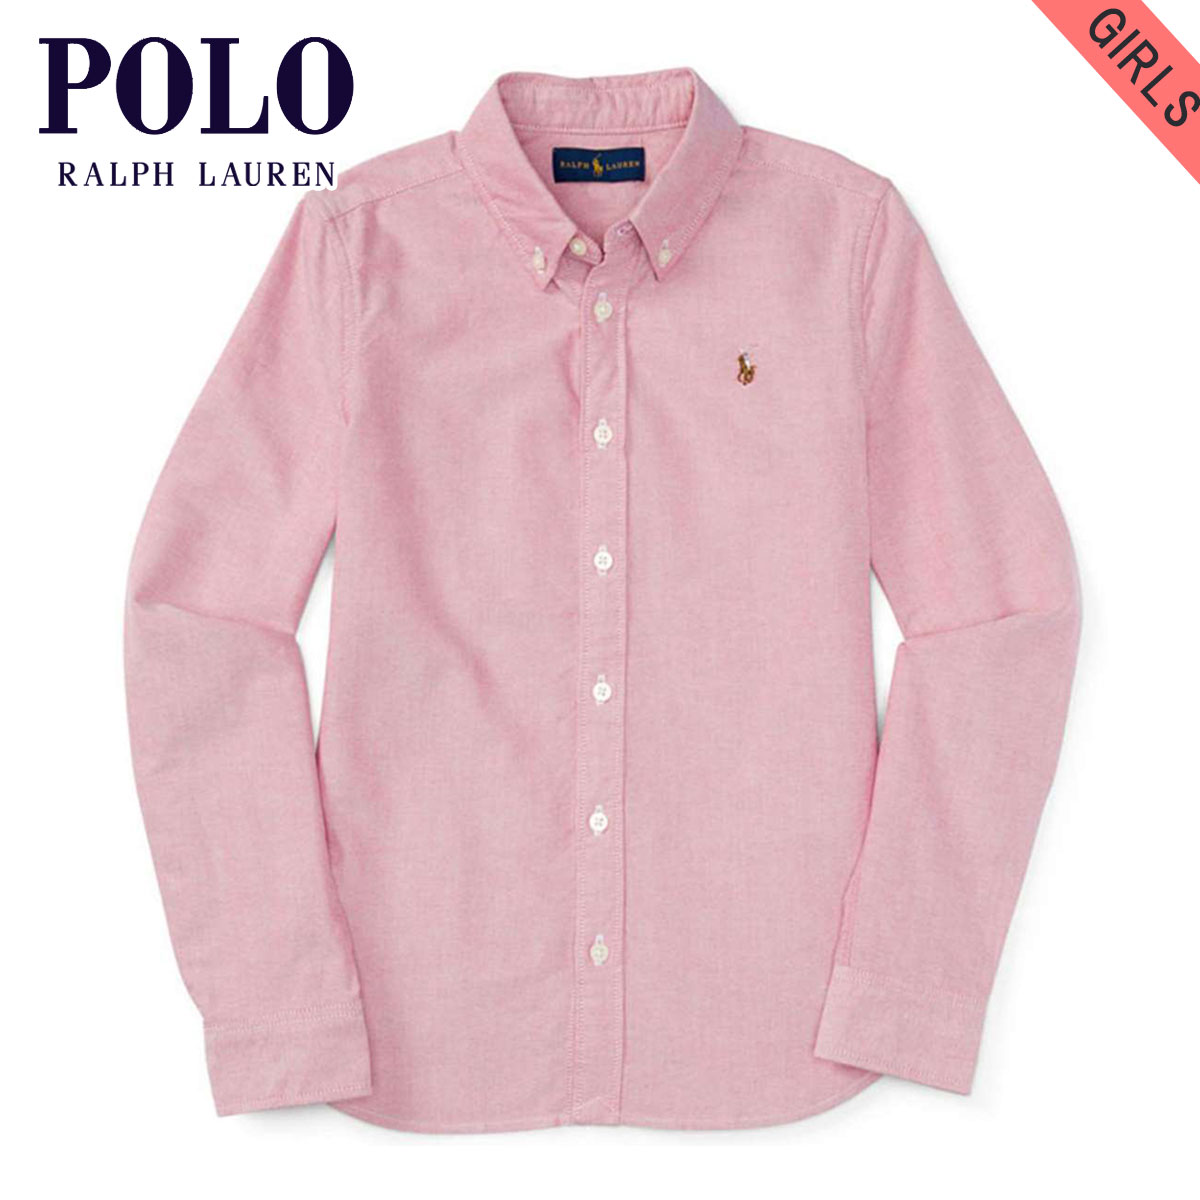 5b37ddd65 Polo Ralph Lauren kids POLO RALPH LAUREN CHILDREN regular article children's  clothes girls long sleeves shirt ...